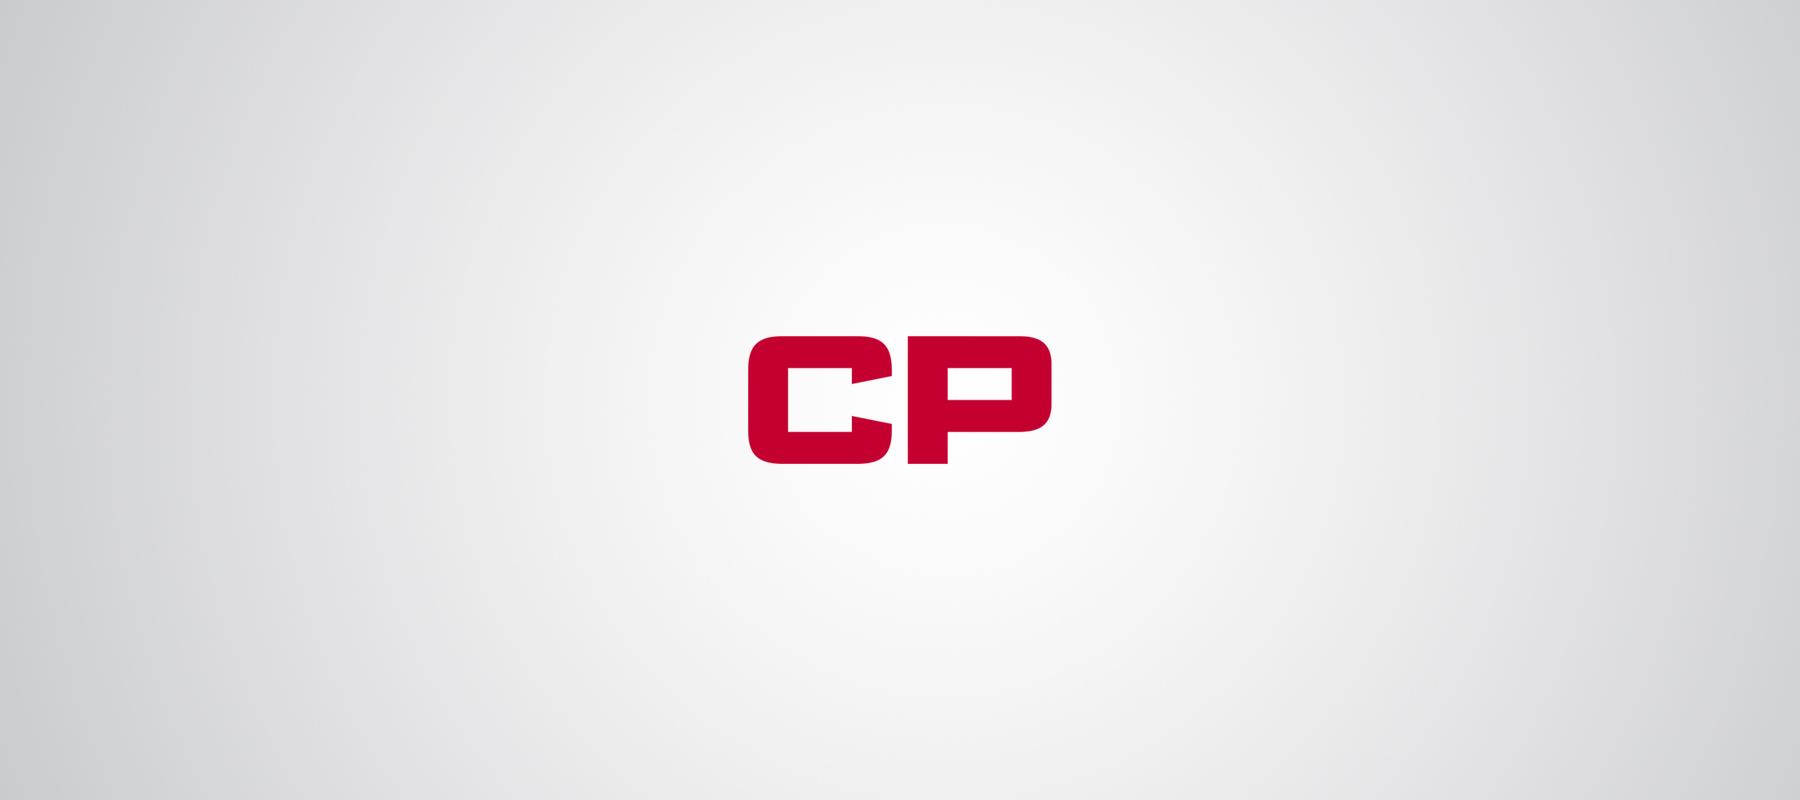 CR_Logo_CP_1800x800_work.jpg